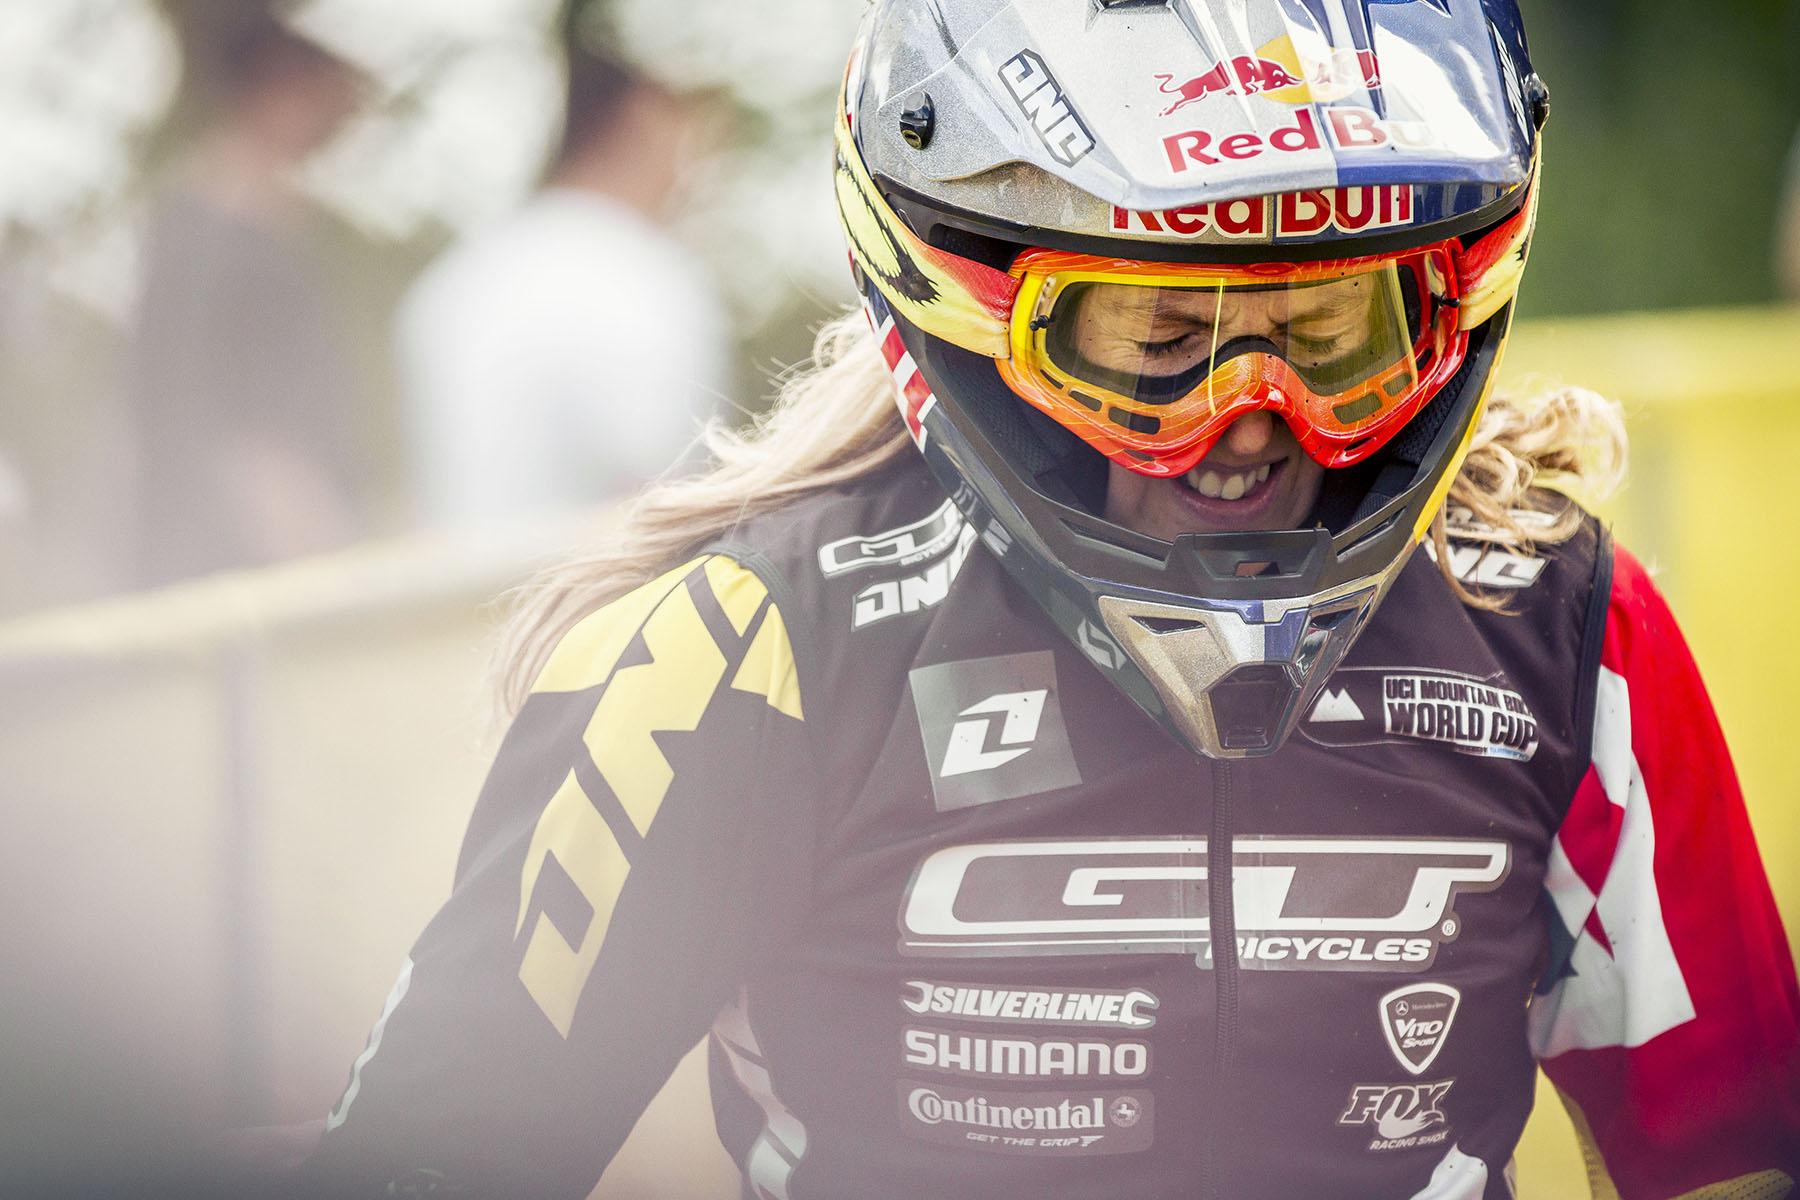 Für Rachel Atherton lief es in Sainte Anne nicht so gut: Zwei Stürze innerhalb des Rennens verbannten die Favoritin auf Platz 12.